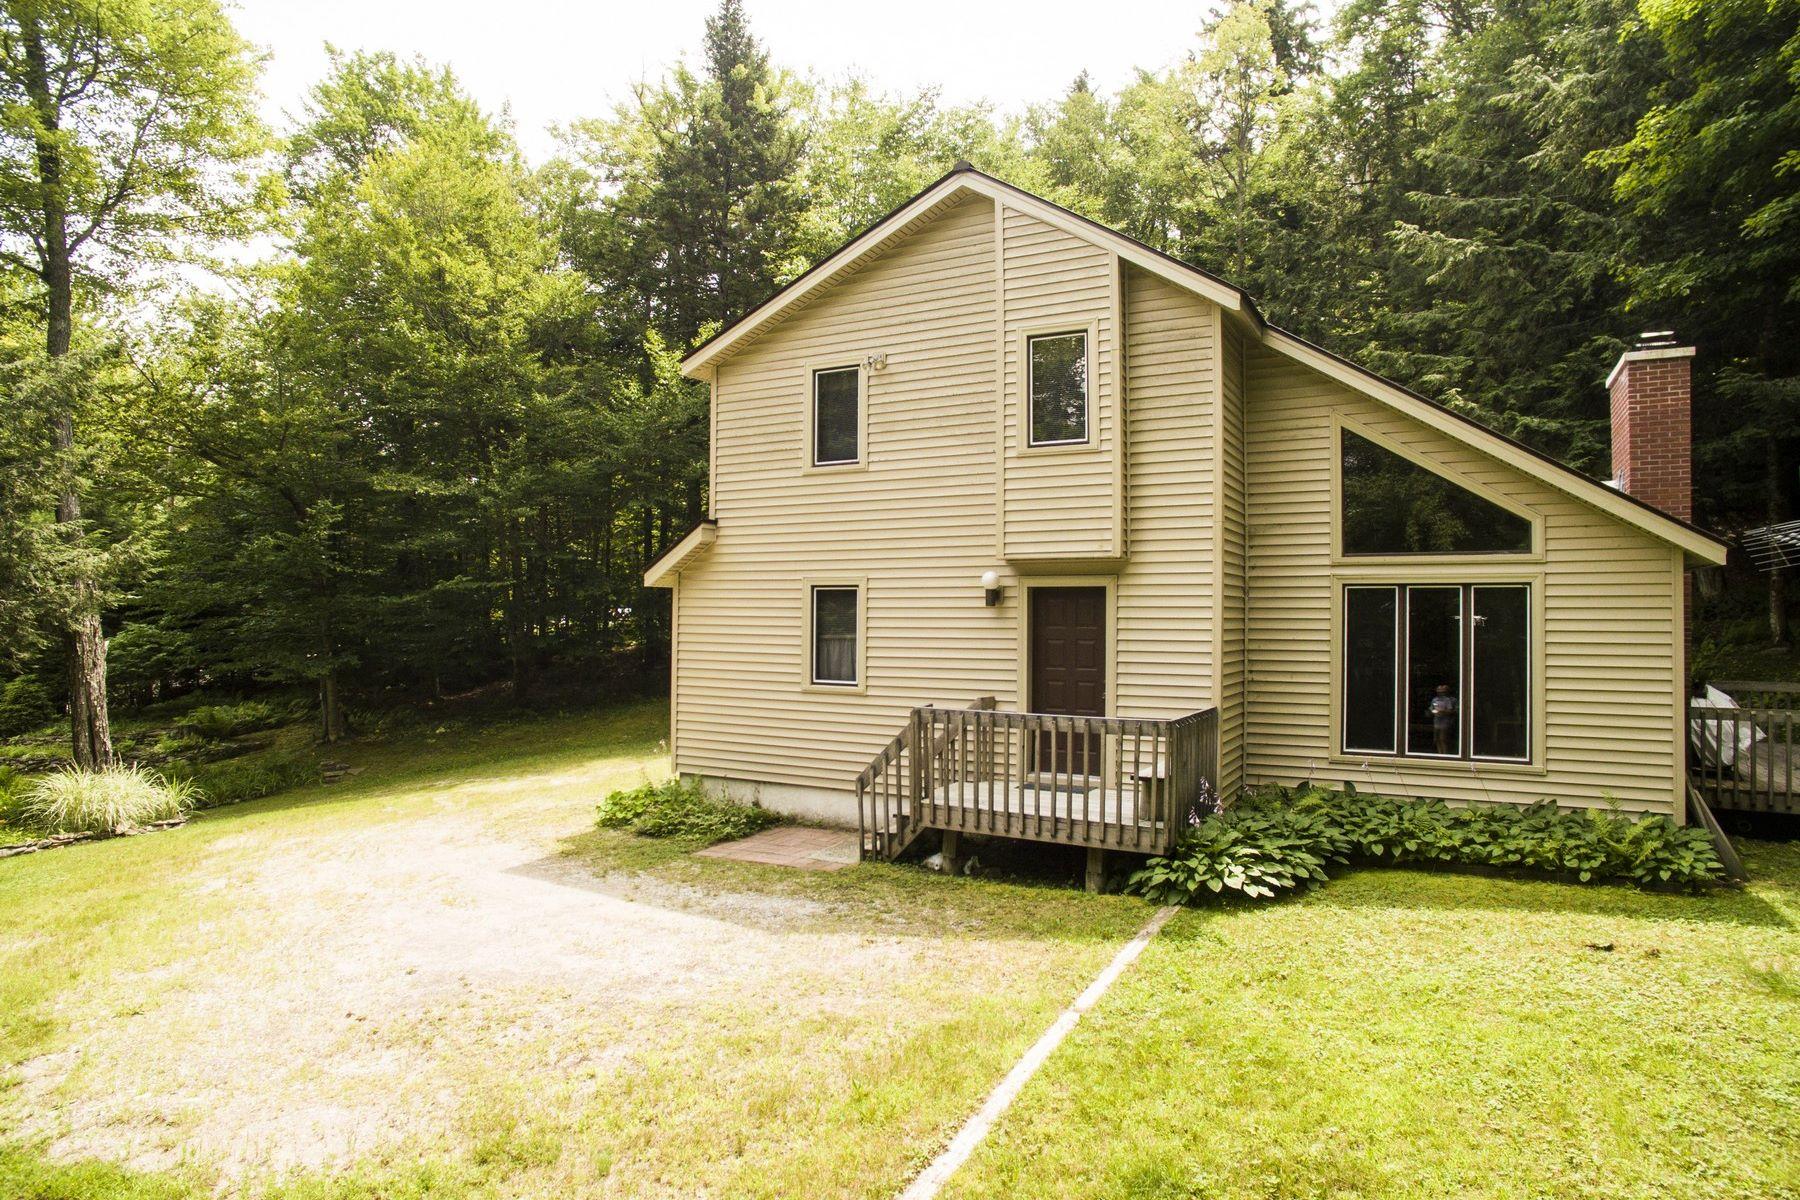 Частный односемейный дом для того Продажа на 400 Edie Lane, Jamaica 400 Edie Ln Jamaica, Вермонт, 05343 Соединенные Штаты